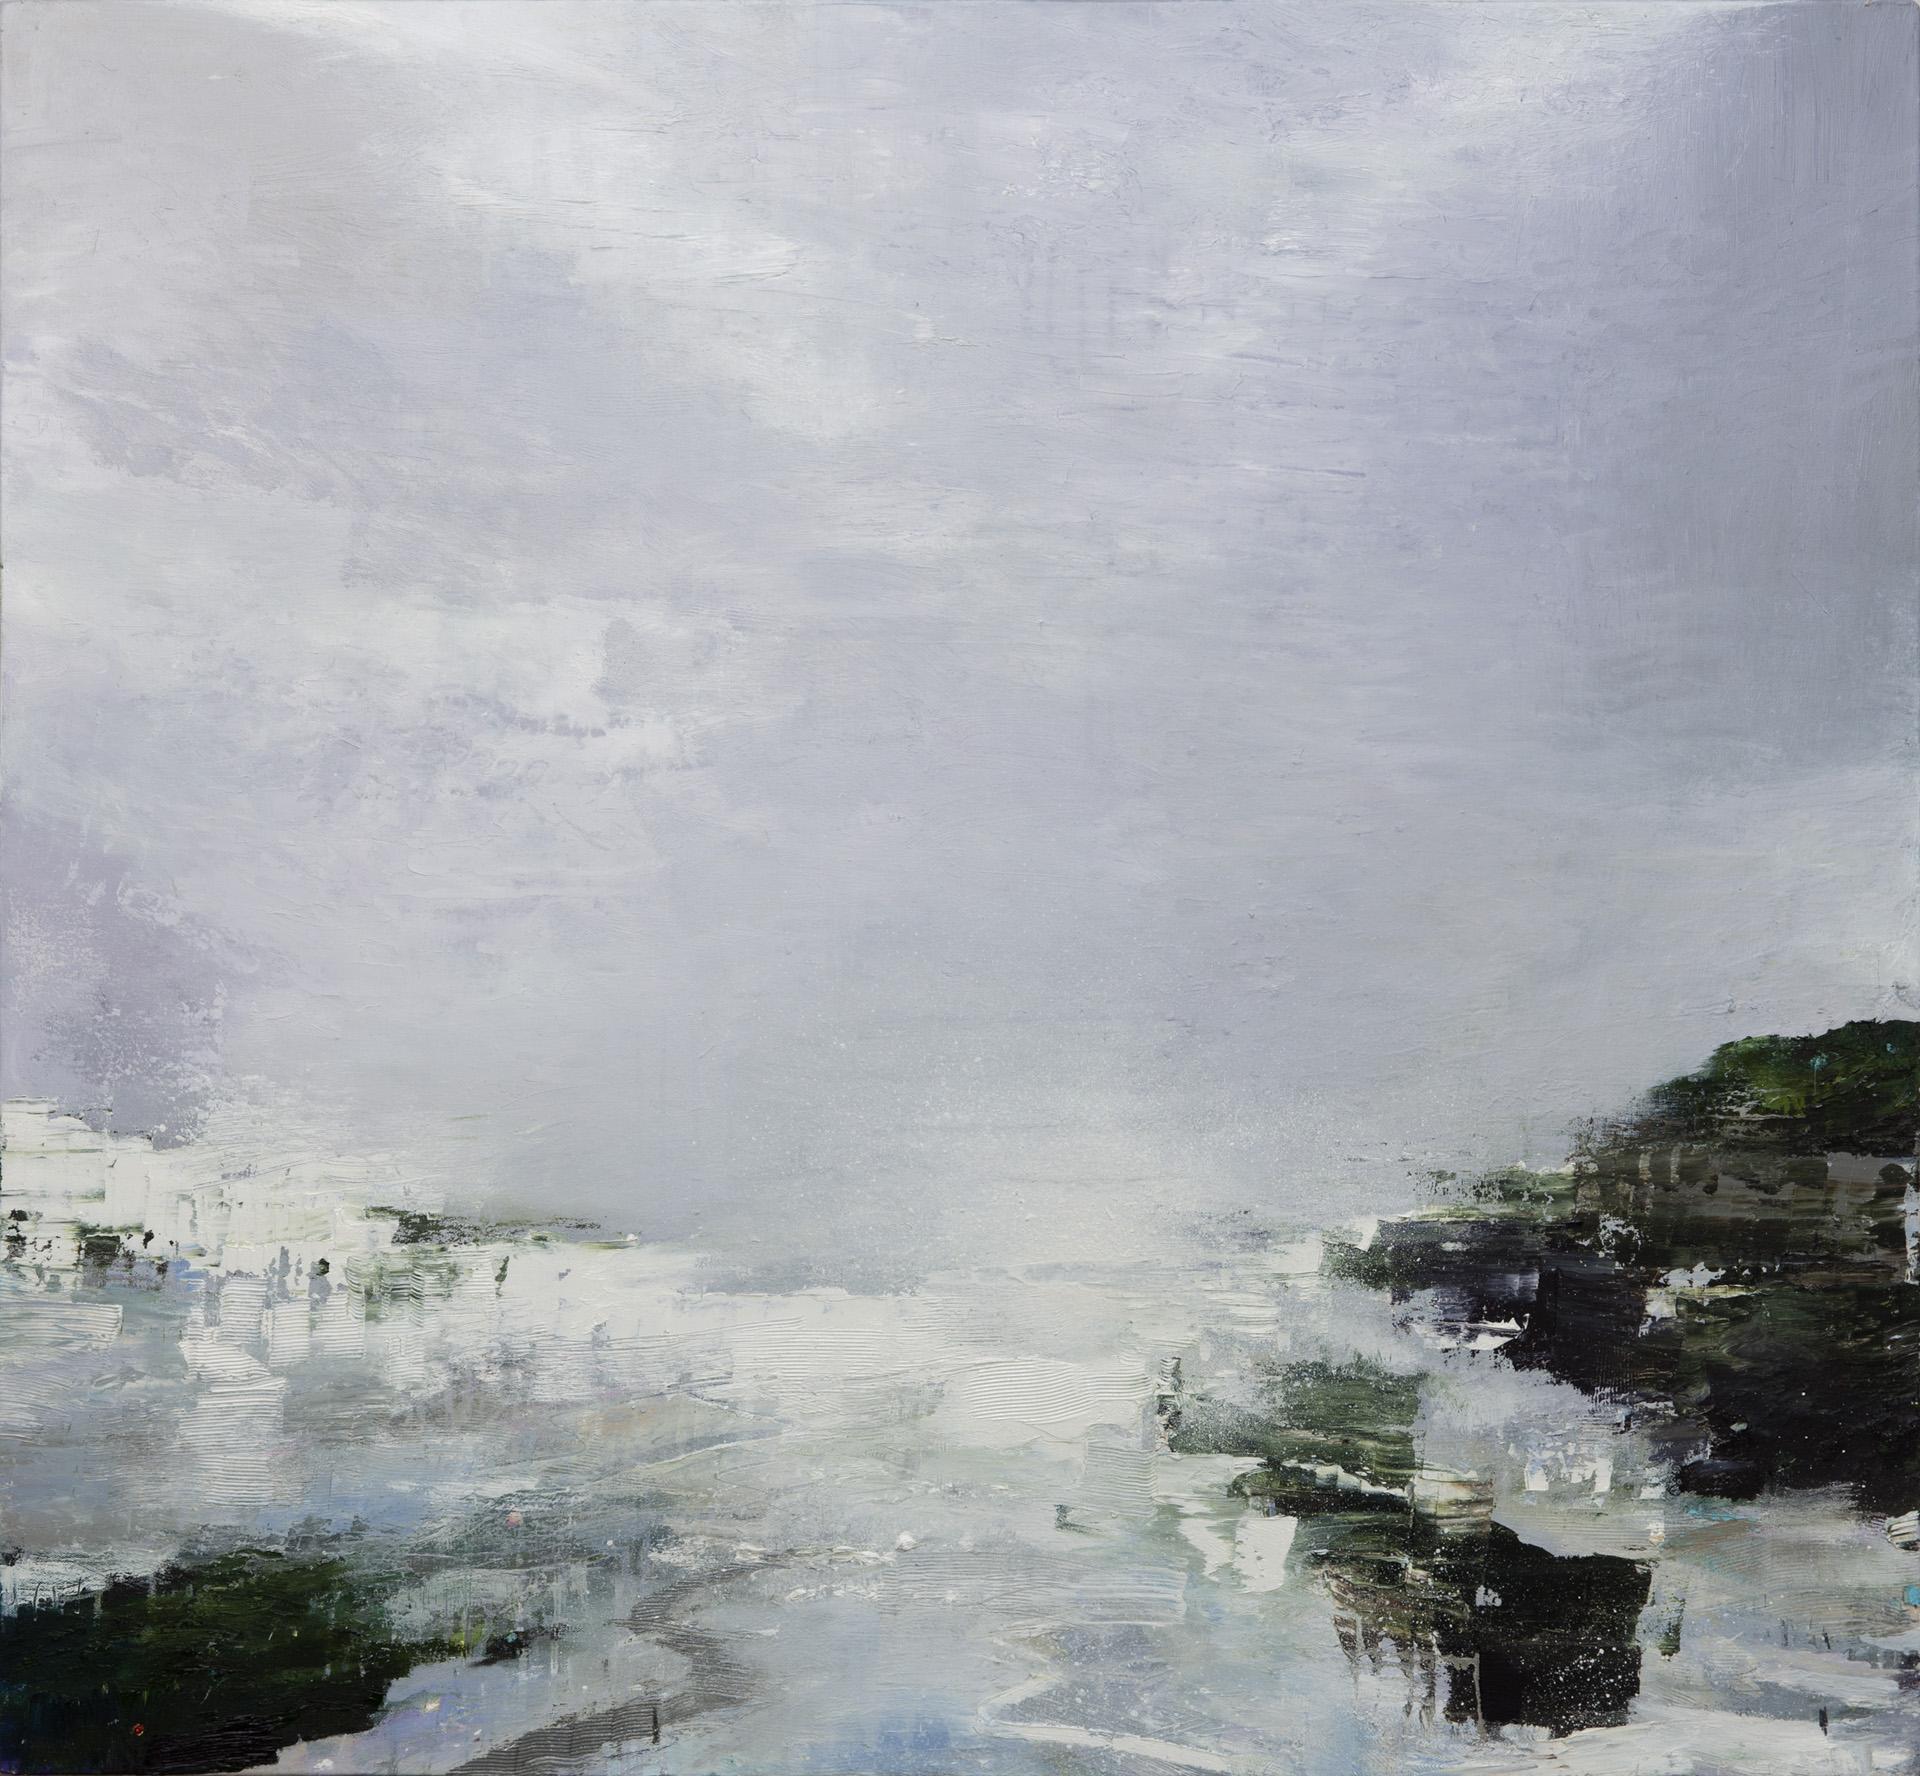 Gareth Edwards RWA Arriving by Sea, Agean Island 90 x 100 cm oil on canvas S O L D